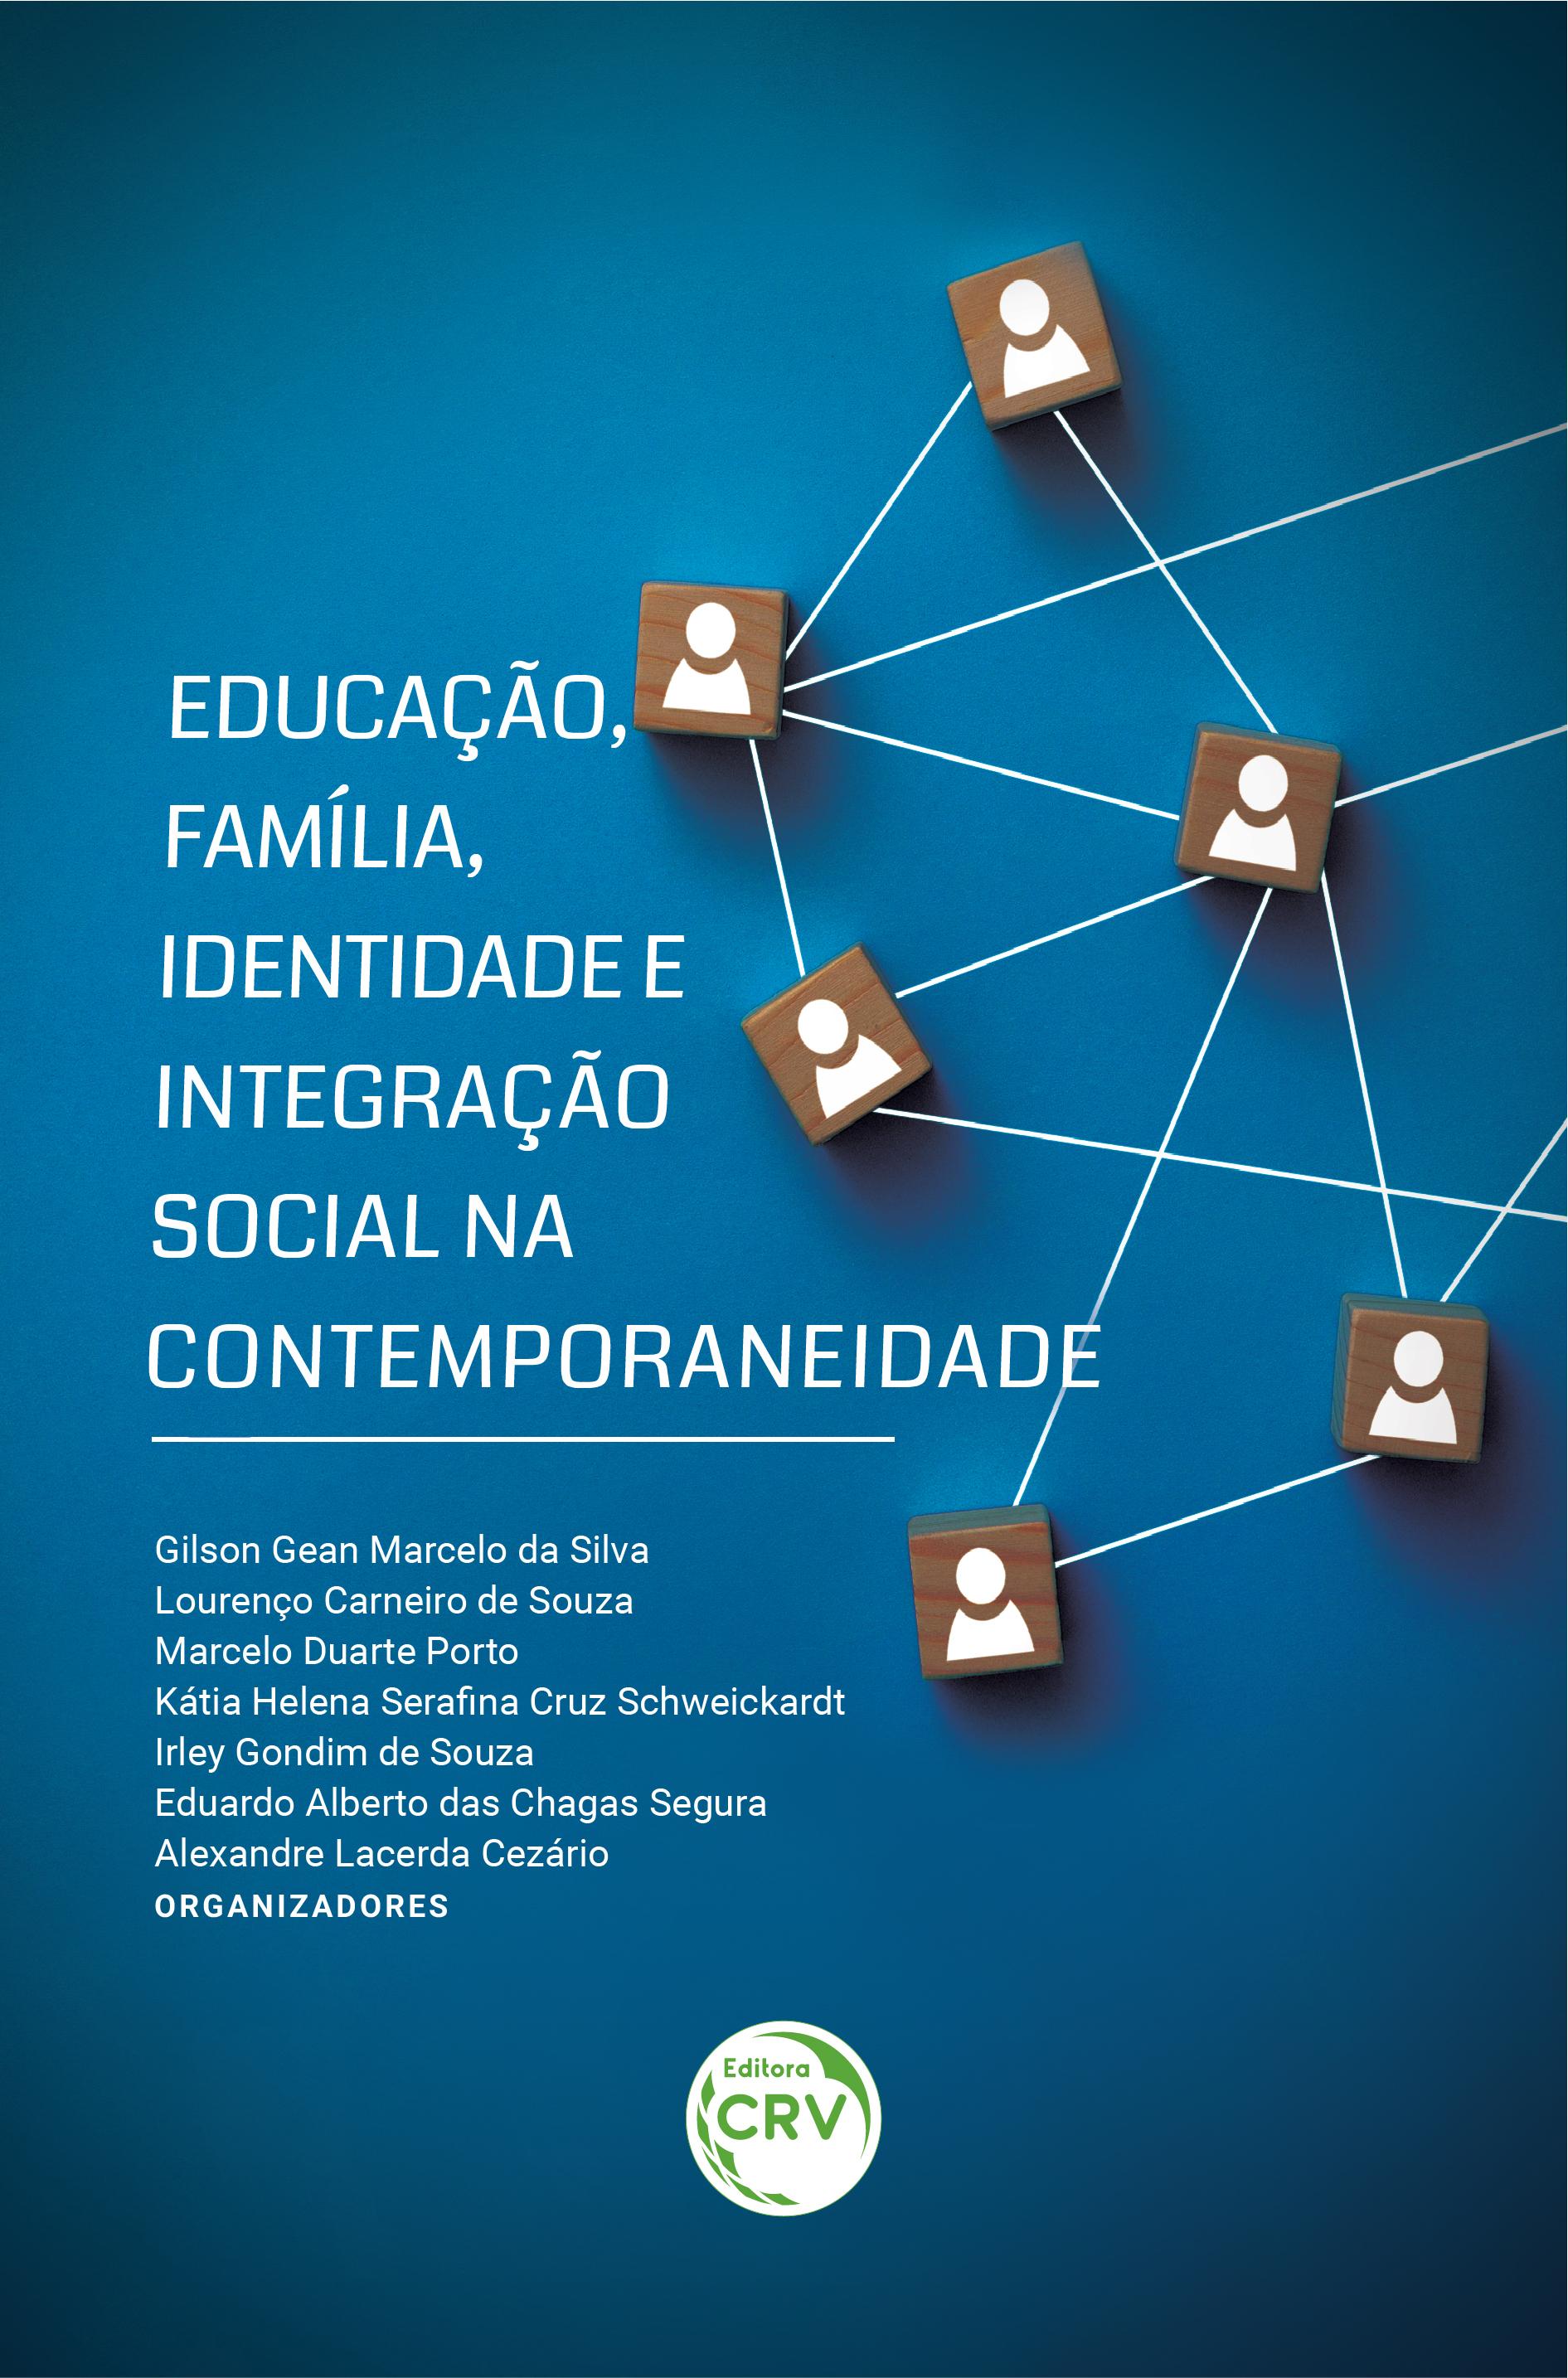 Capa do livro: EDUCAÇÃO, FAMÍLIA, IDENTIDADE E INTEGRAÇÃO SOCIAL NA CONTEMPORANEIDADE